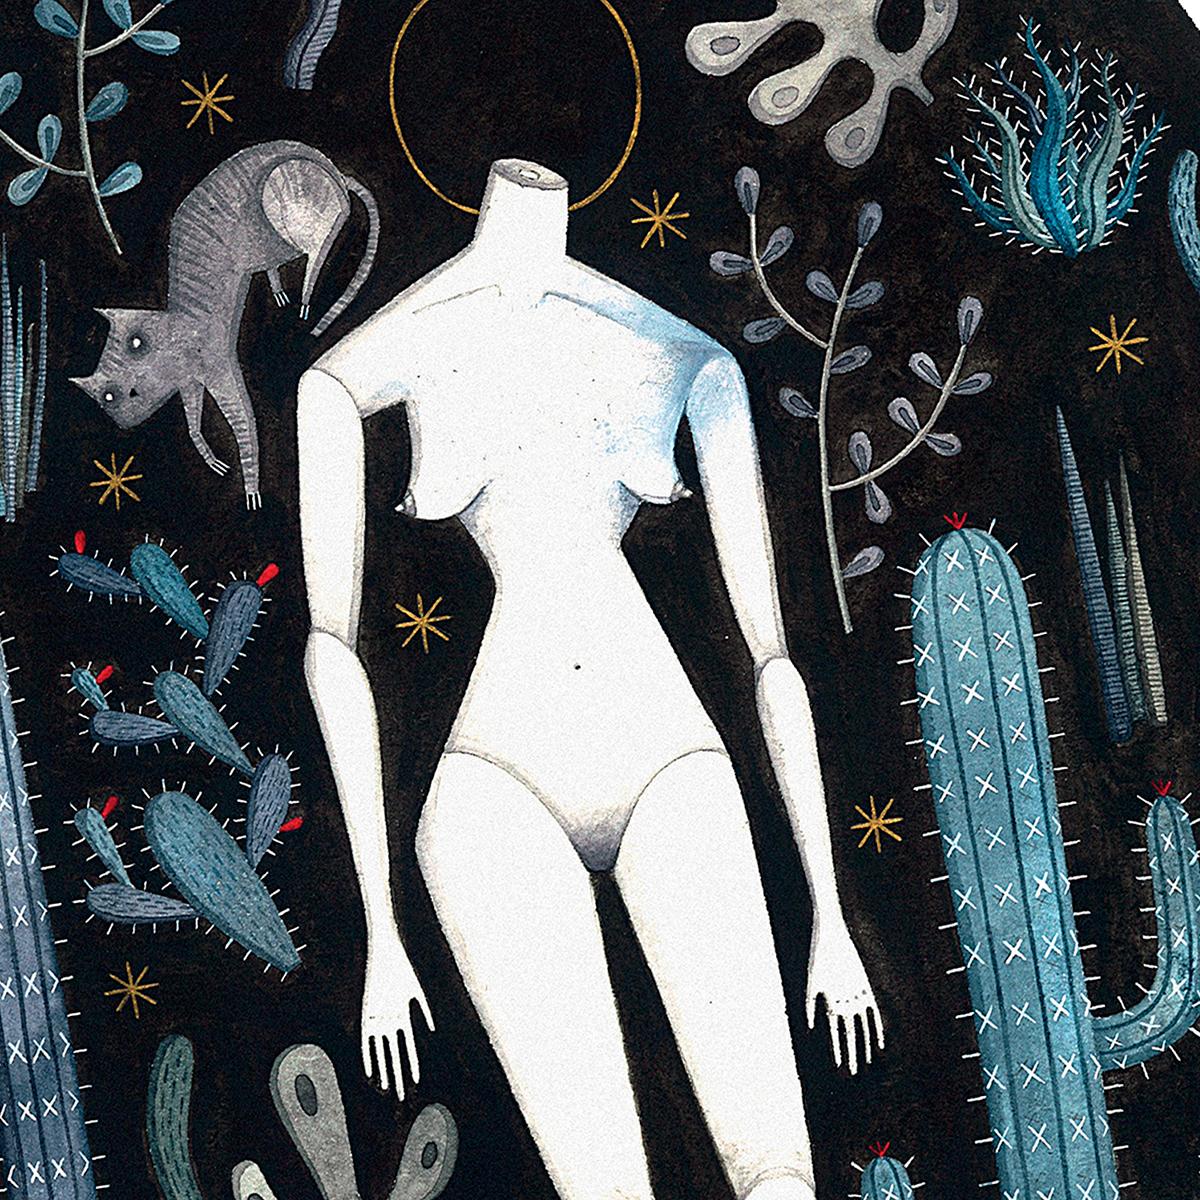 La Notte illustrazione by Isoì